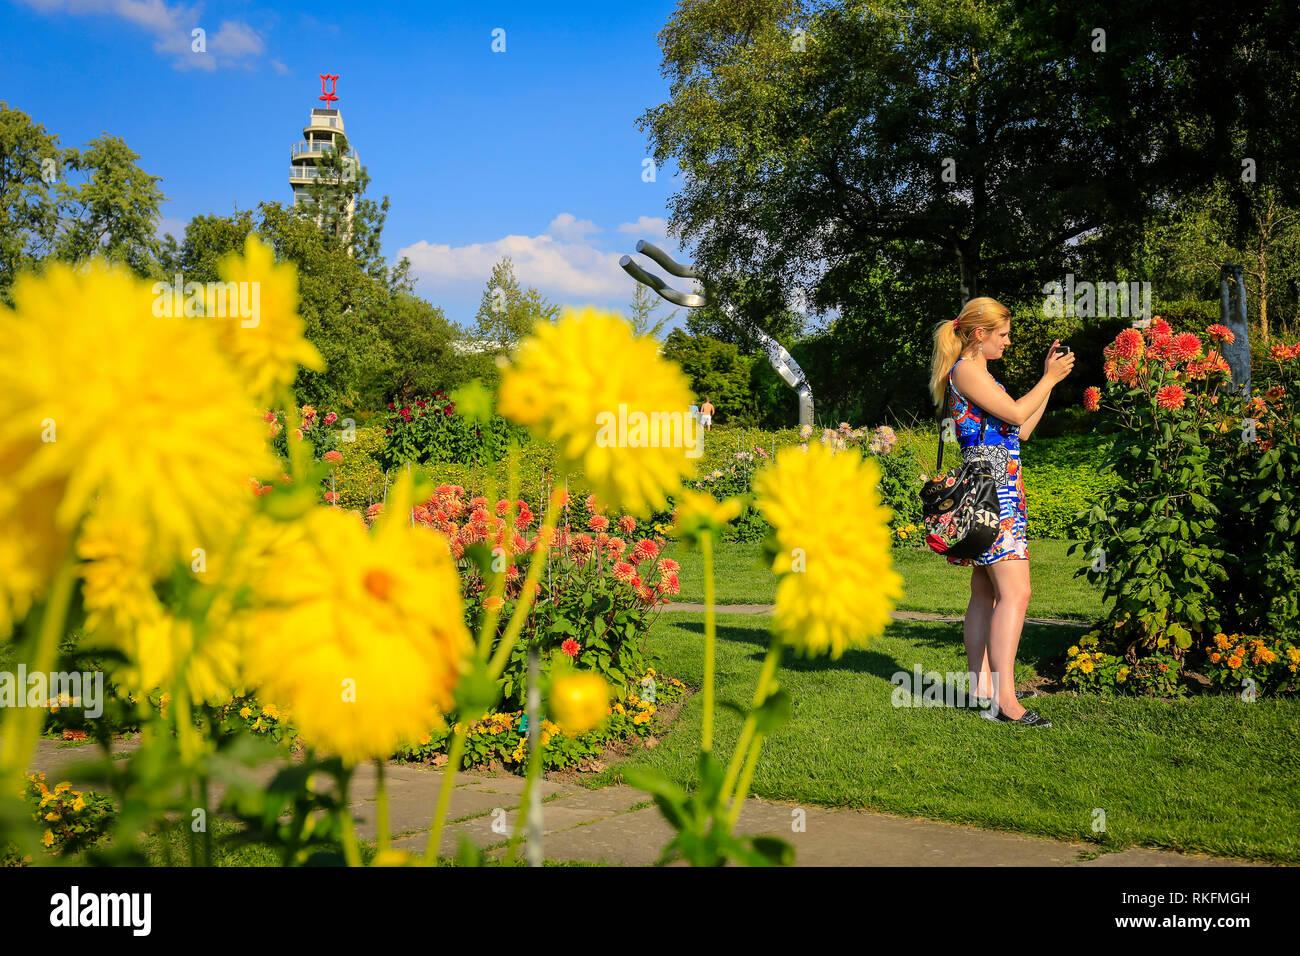 Essen, Nordrhein-Westfalen, Ruhrgebiet, Deutschland, Grugapark, Park der Bundesgartenschau 1965, blühende Dahlien mit Blick auf den Gru Stockbild